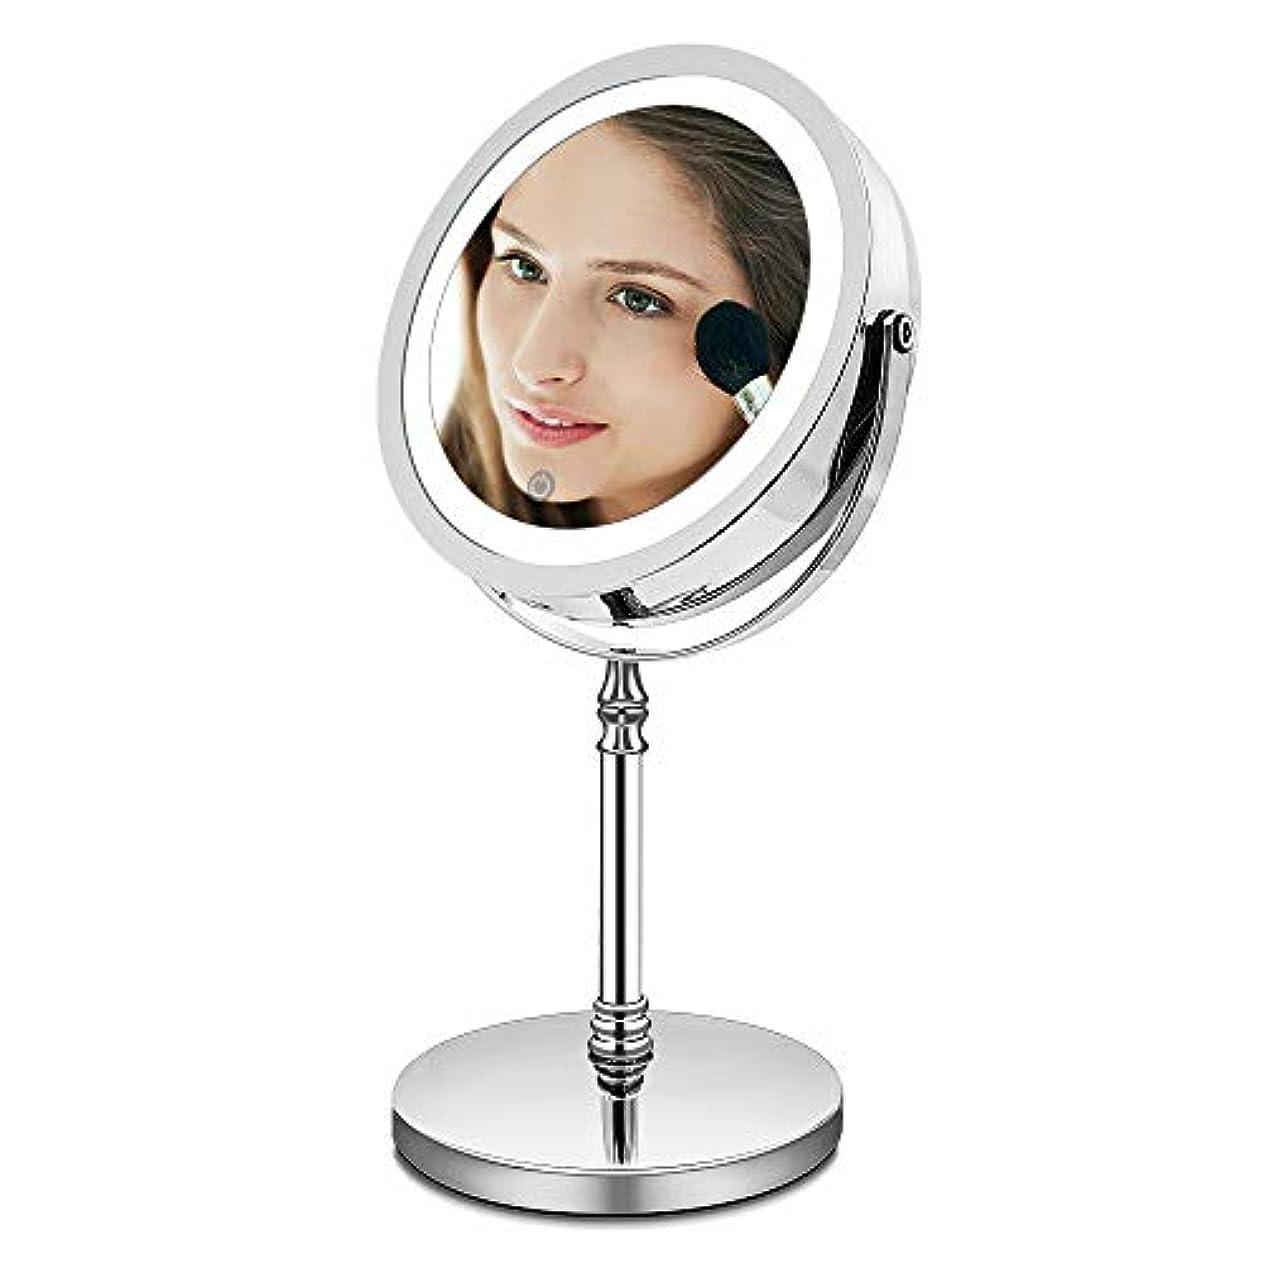 構成員進捗懸念AMZTOLIFE 10倍拡大鏡+等倍鏡 化粧鏡 ライト付き 卓上鏡 ミラー 鏡 化粧ミラー メイクアップミラー スタンドミラー 360度回転 明るさ調節 日本語取扱説明書付き (タイチー)